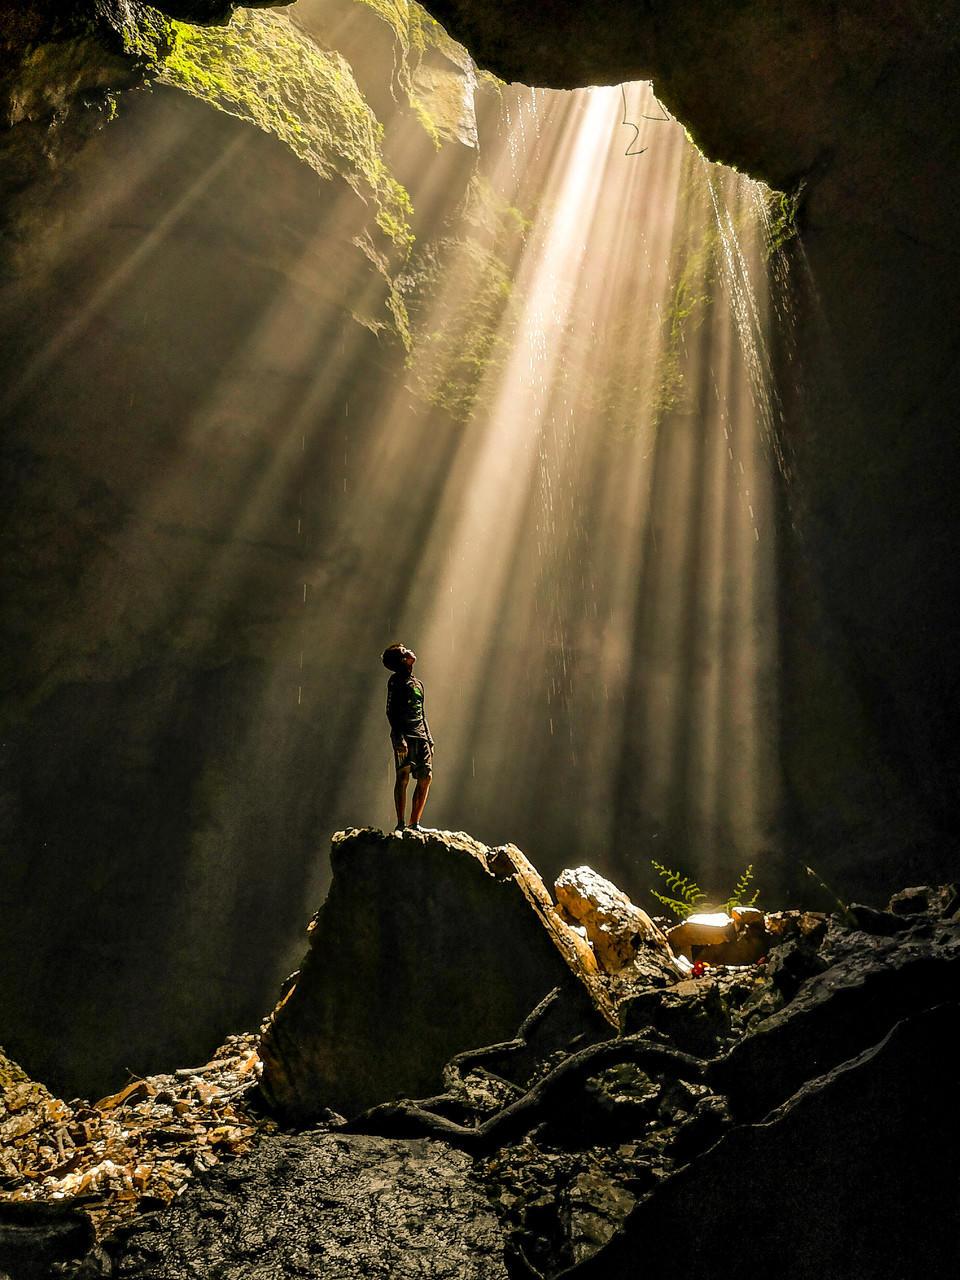 Не бойся, © Данило Герреро, Конкурс мобильной фотографии Huawei